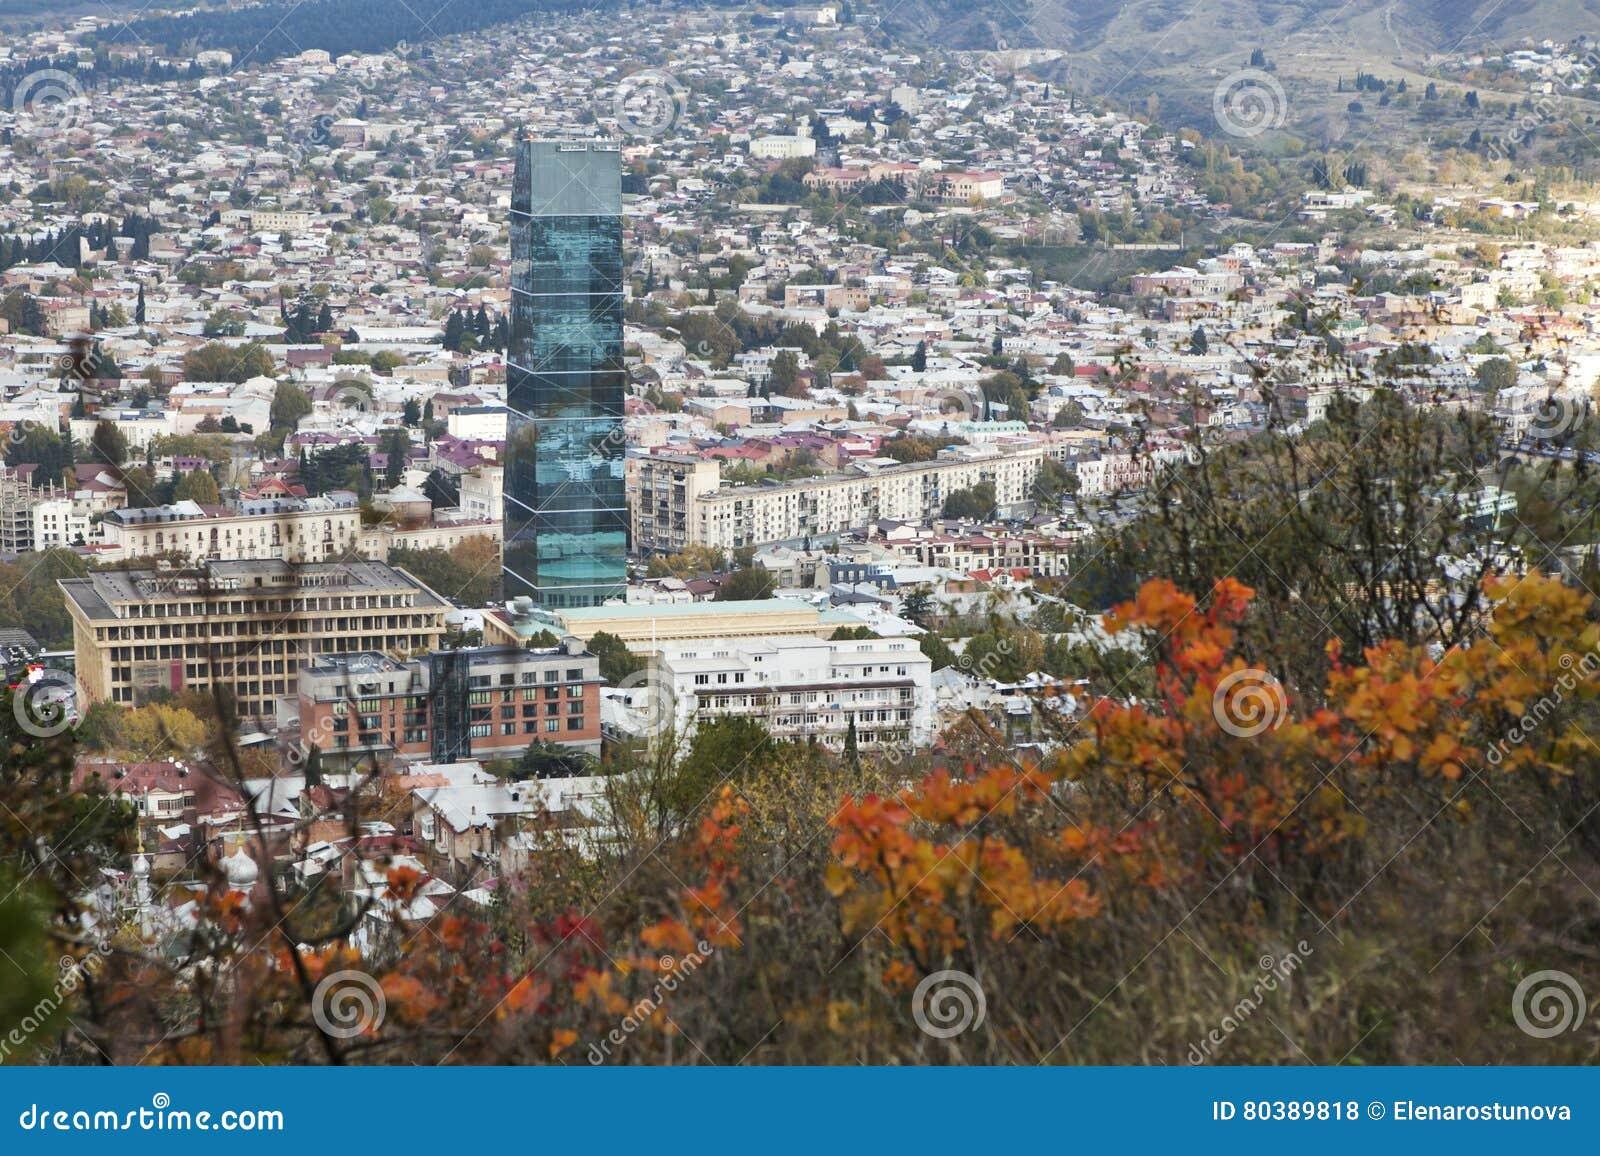 Tbilisi Tskneti Mountain Villa Tbilisi City Georgia